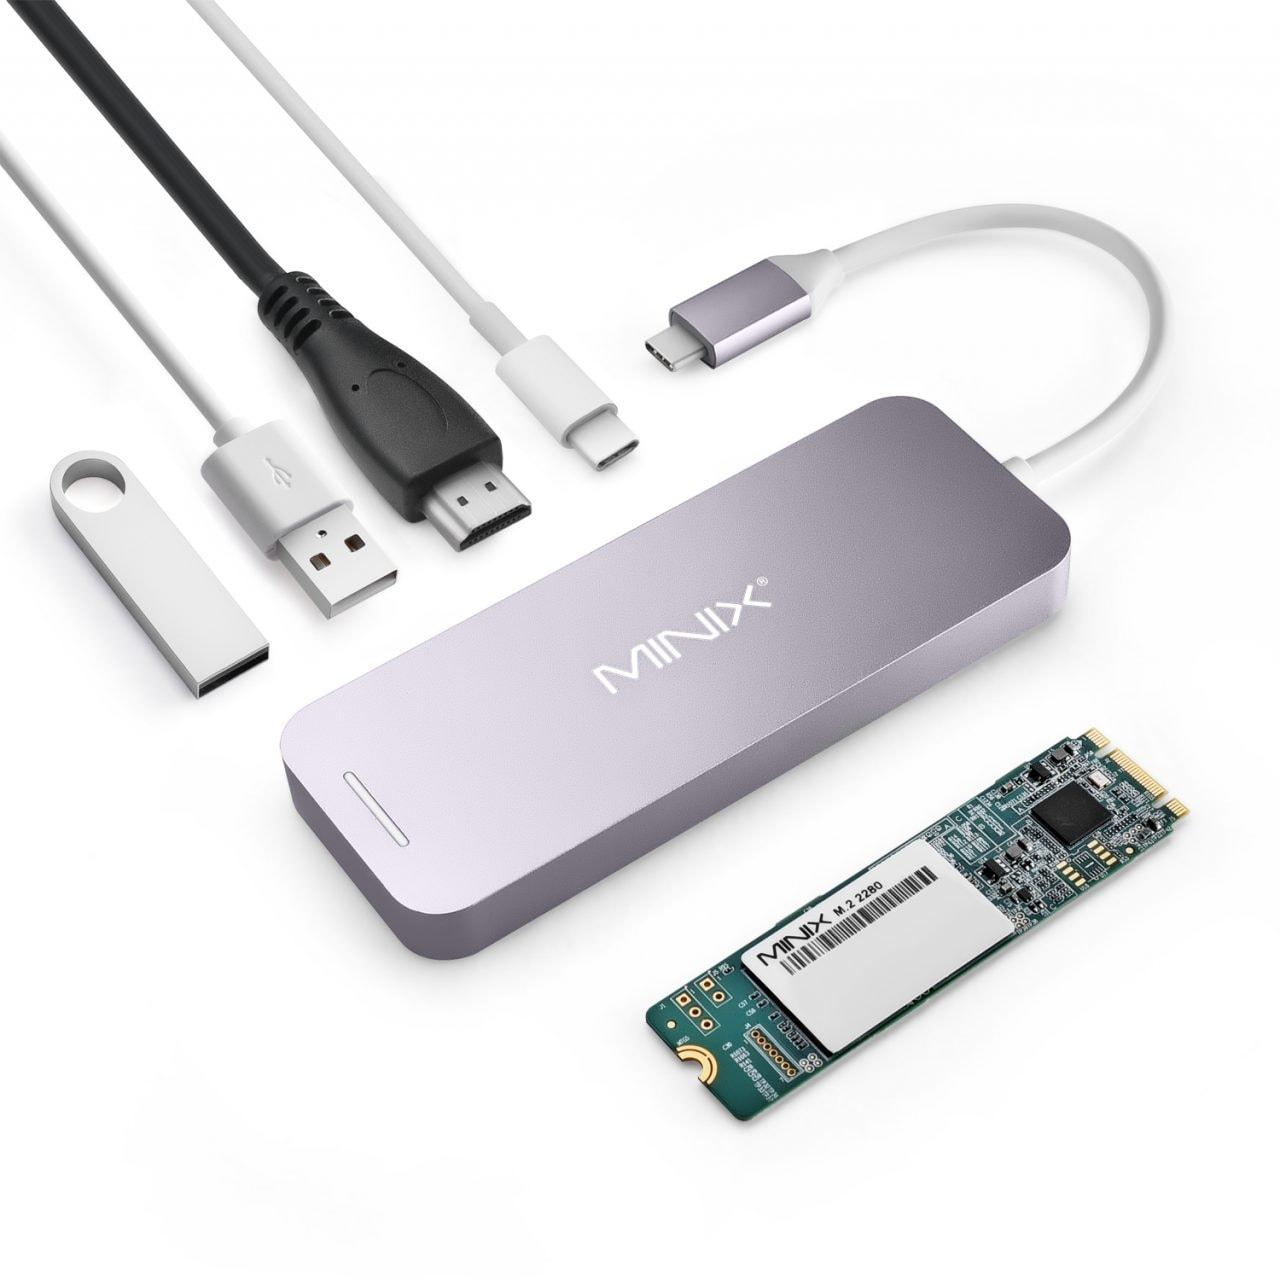 MINIX presenta l'accessorio definitivo per il vostro MacBook: hub USB-C con SSD integrato fino a 240 GB! (foto)